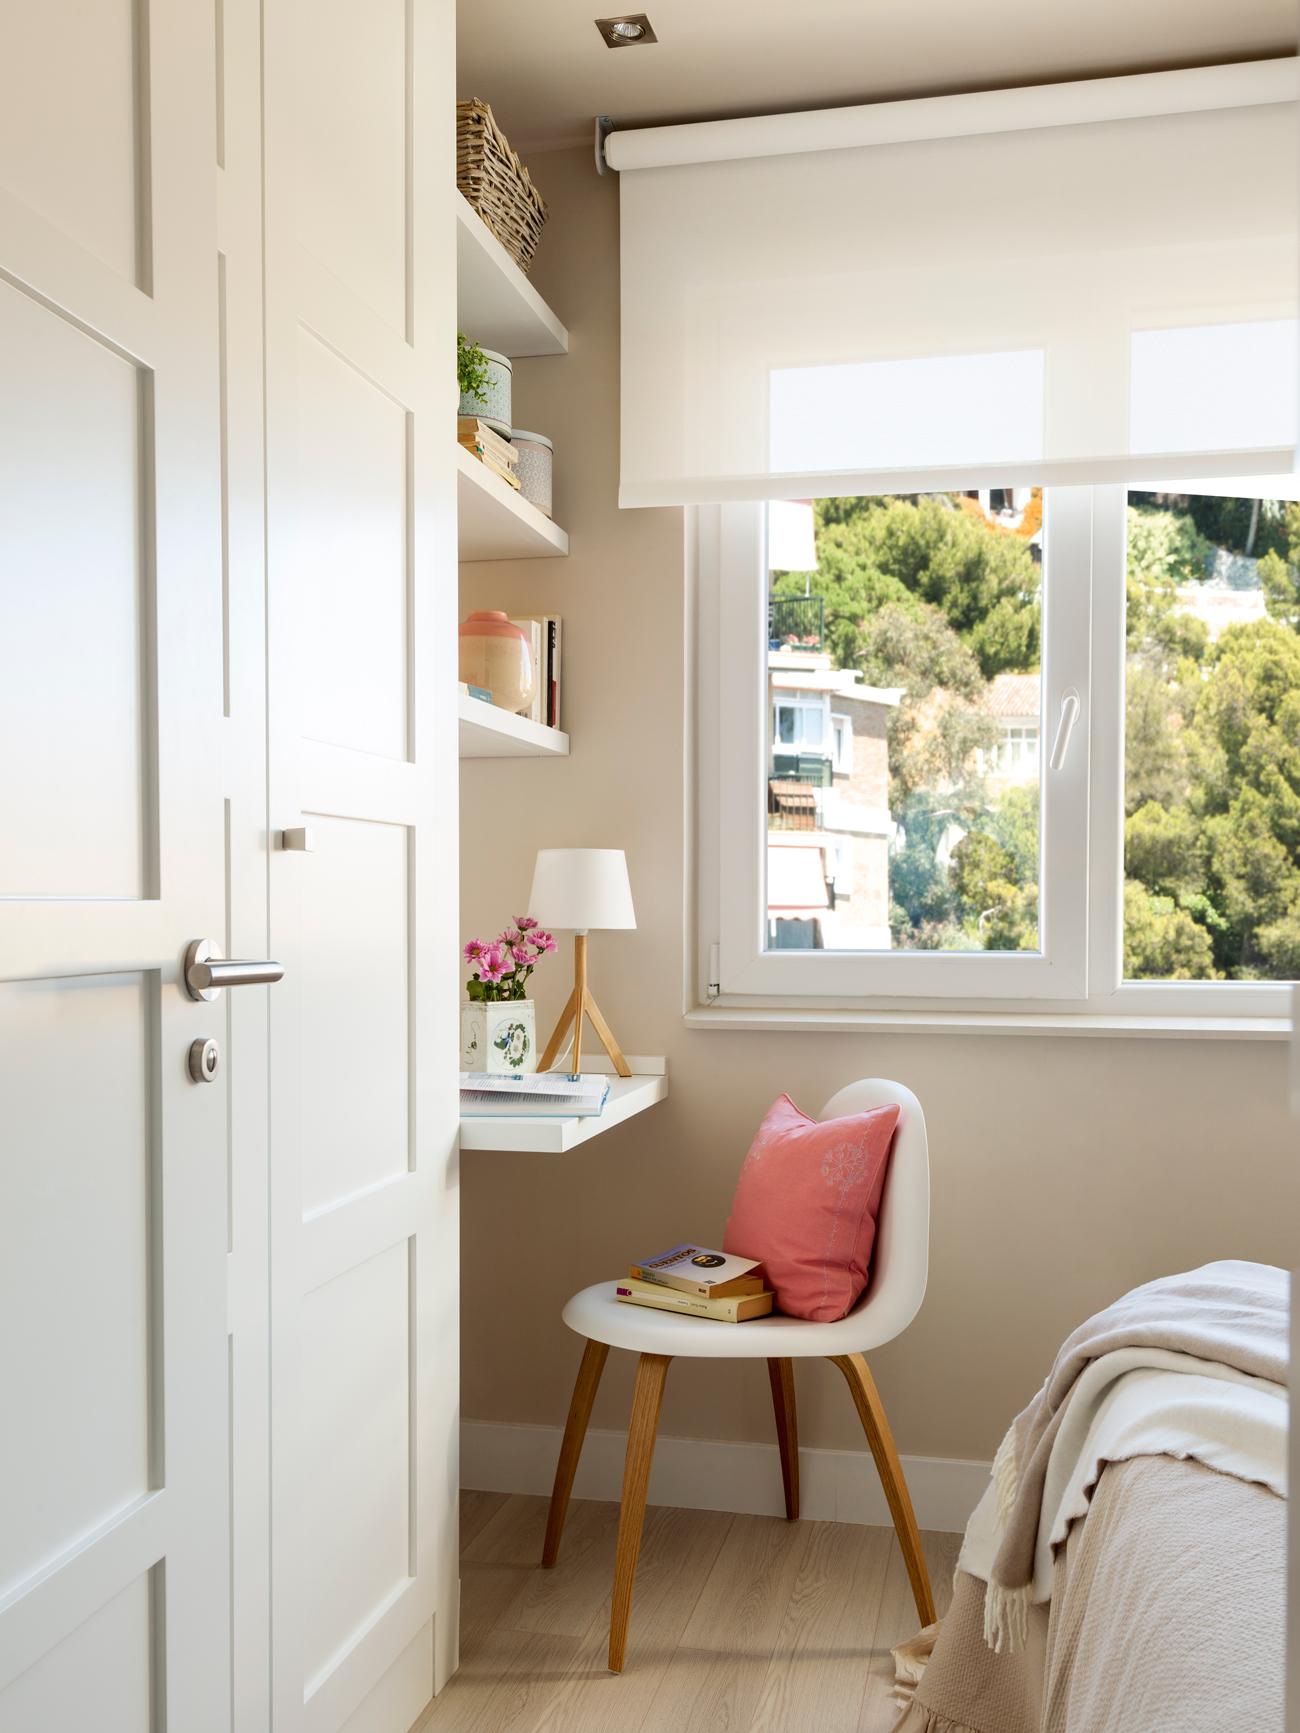 10 ideas geniales para dormitorios peque os - Dormitorios con escritorio ...